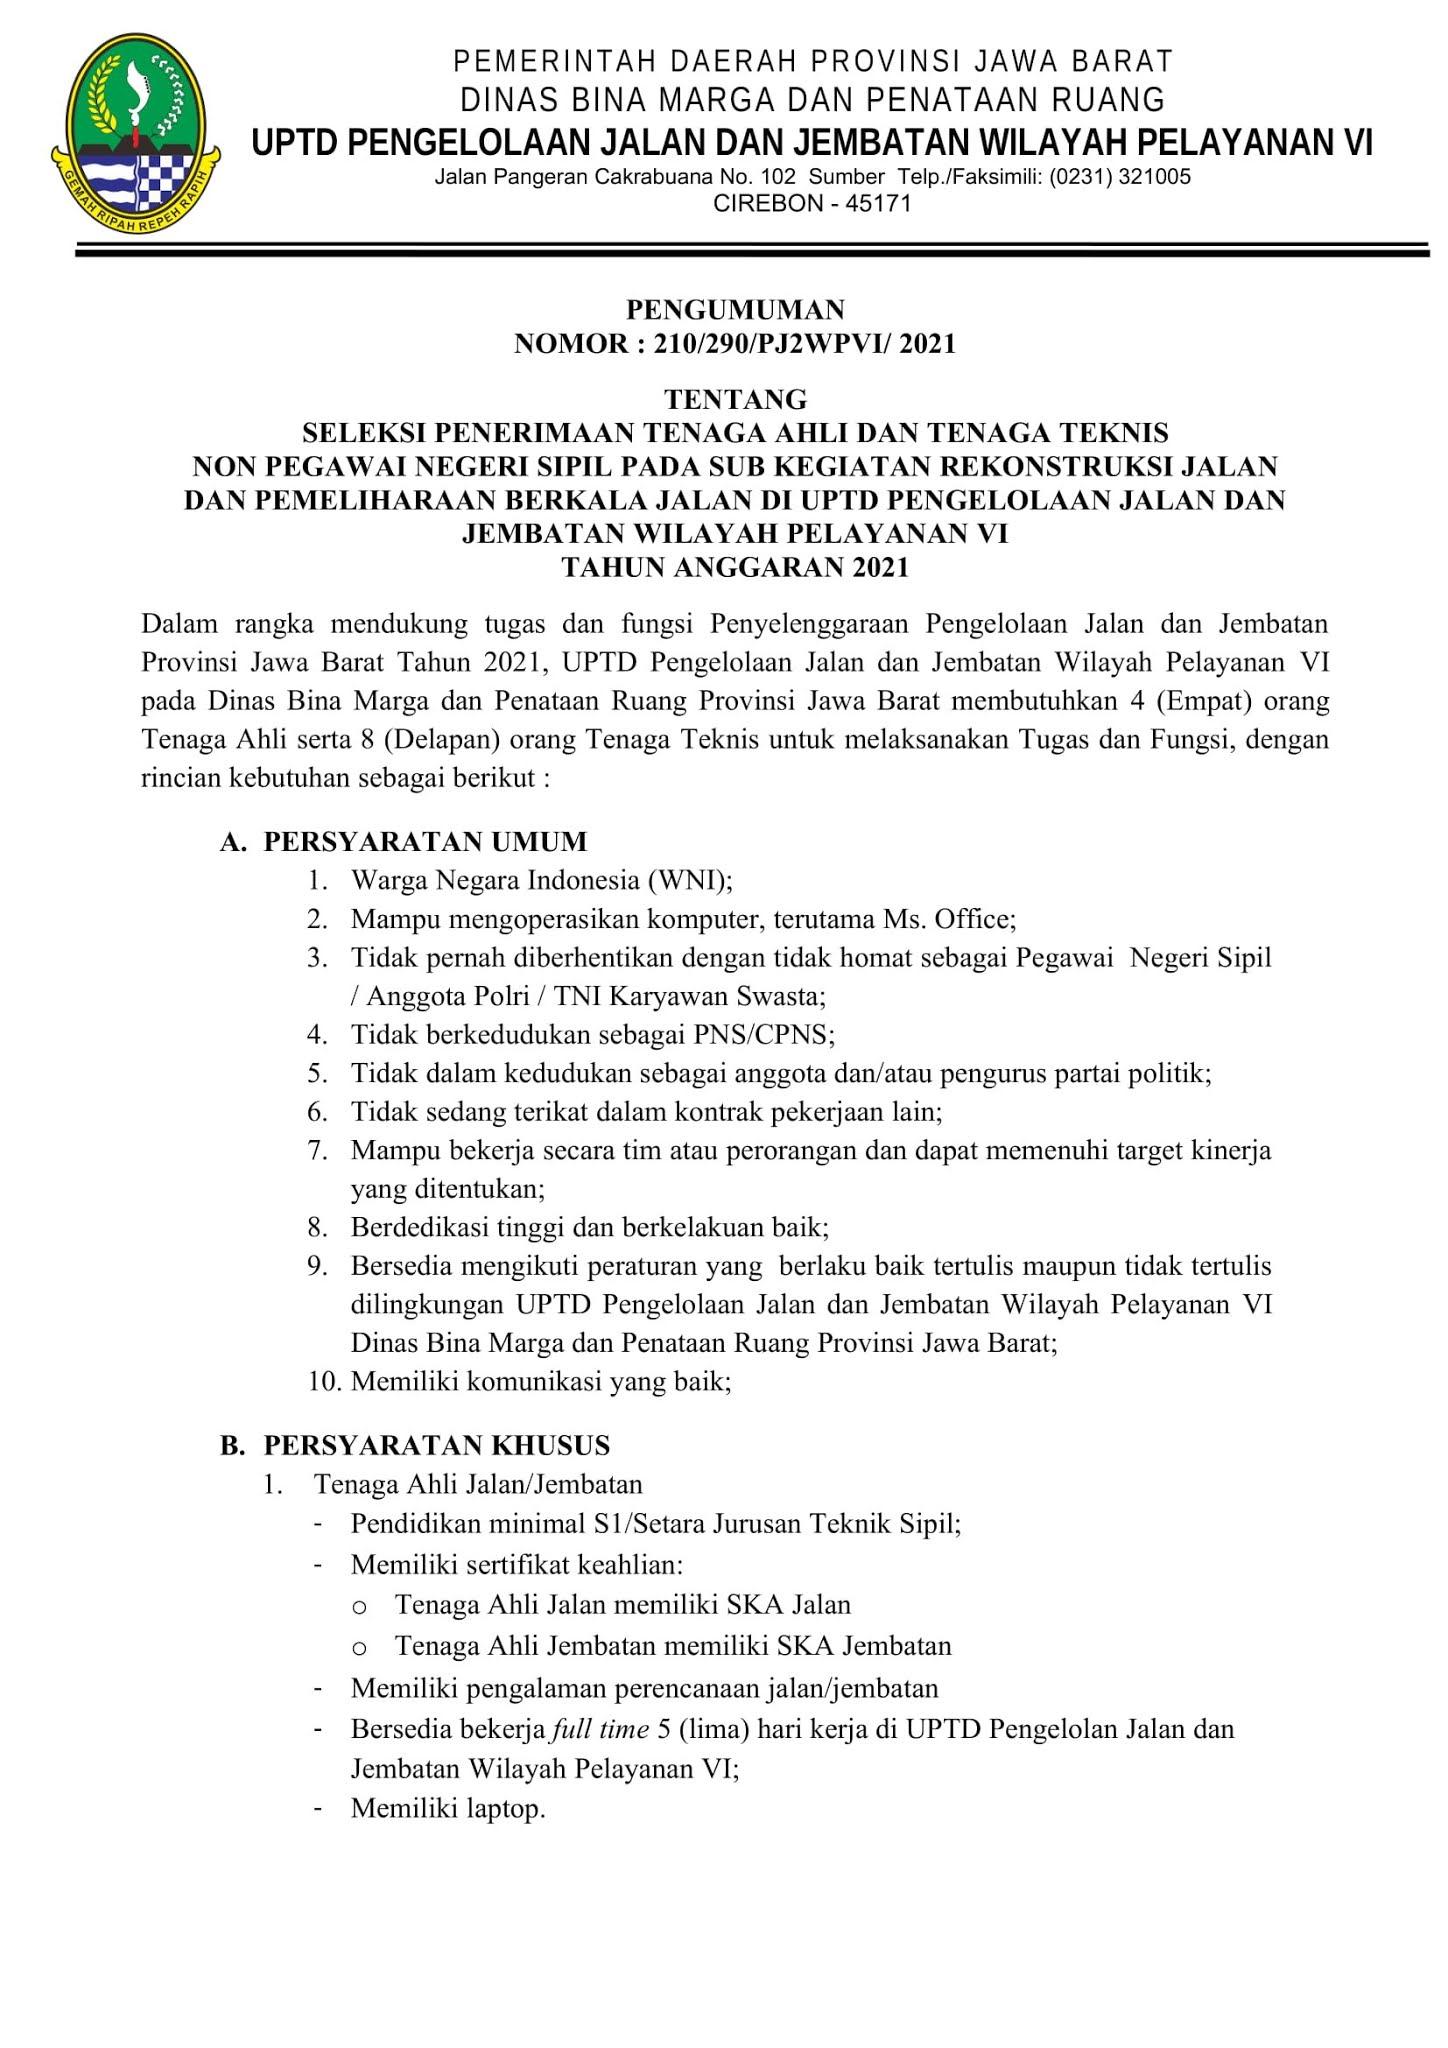 Lowongan Kerja Non PNS Dinas Bina Marga dan Penataan Ruang Mei 2021